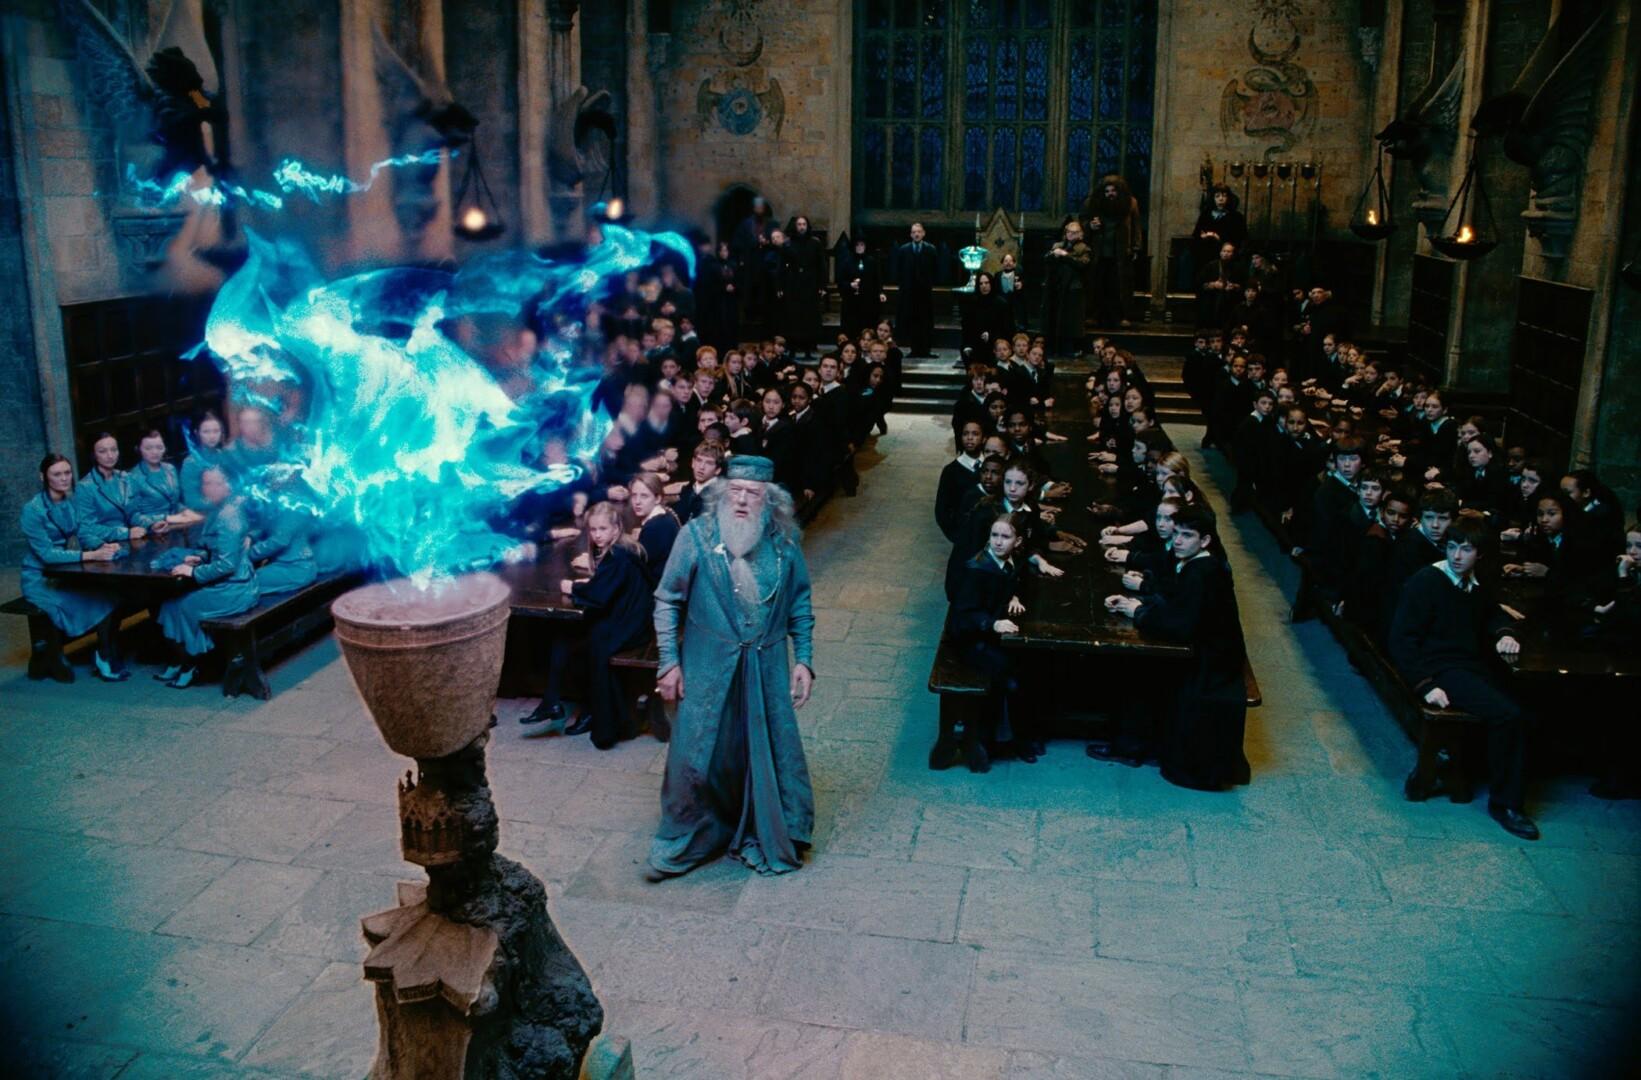 Top 8 Film Di Harry Potter - Dal Peggiore Al Migliore 10 - Hynerd.it